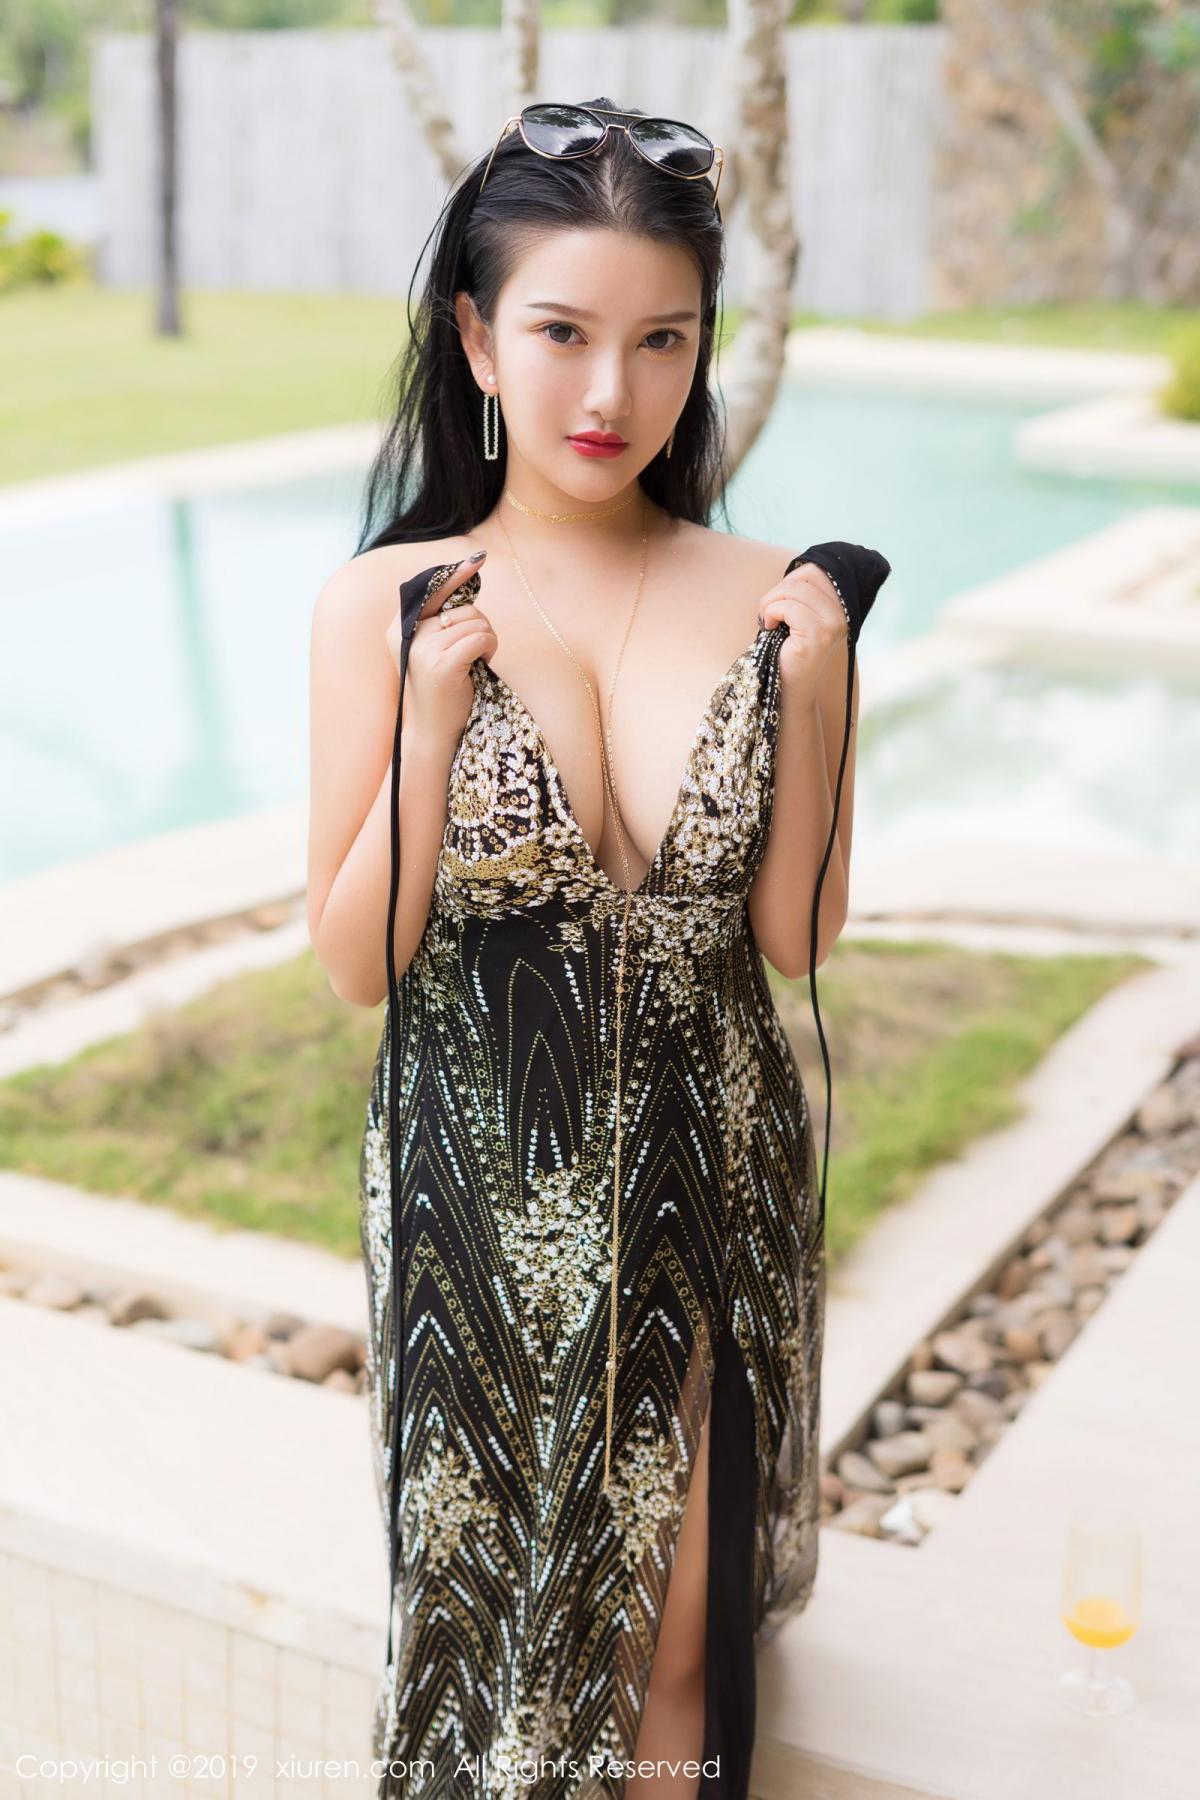 [XiuRen] Vol.1726 Lu Lu Xiao Miao 29P, Lu Lu Xiao Miao, Outdoor, Swim Pool, Xiuren